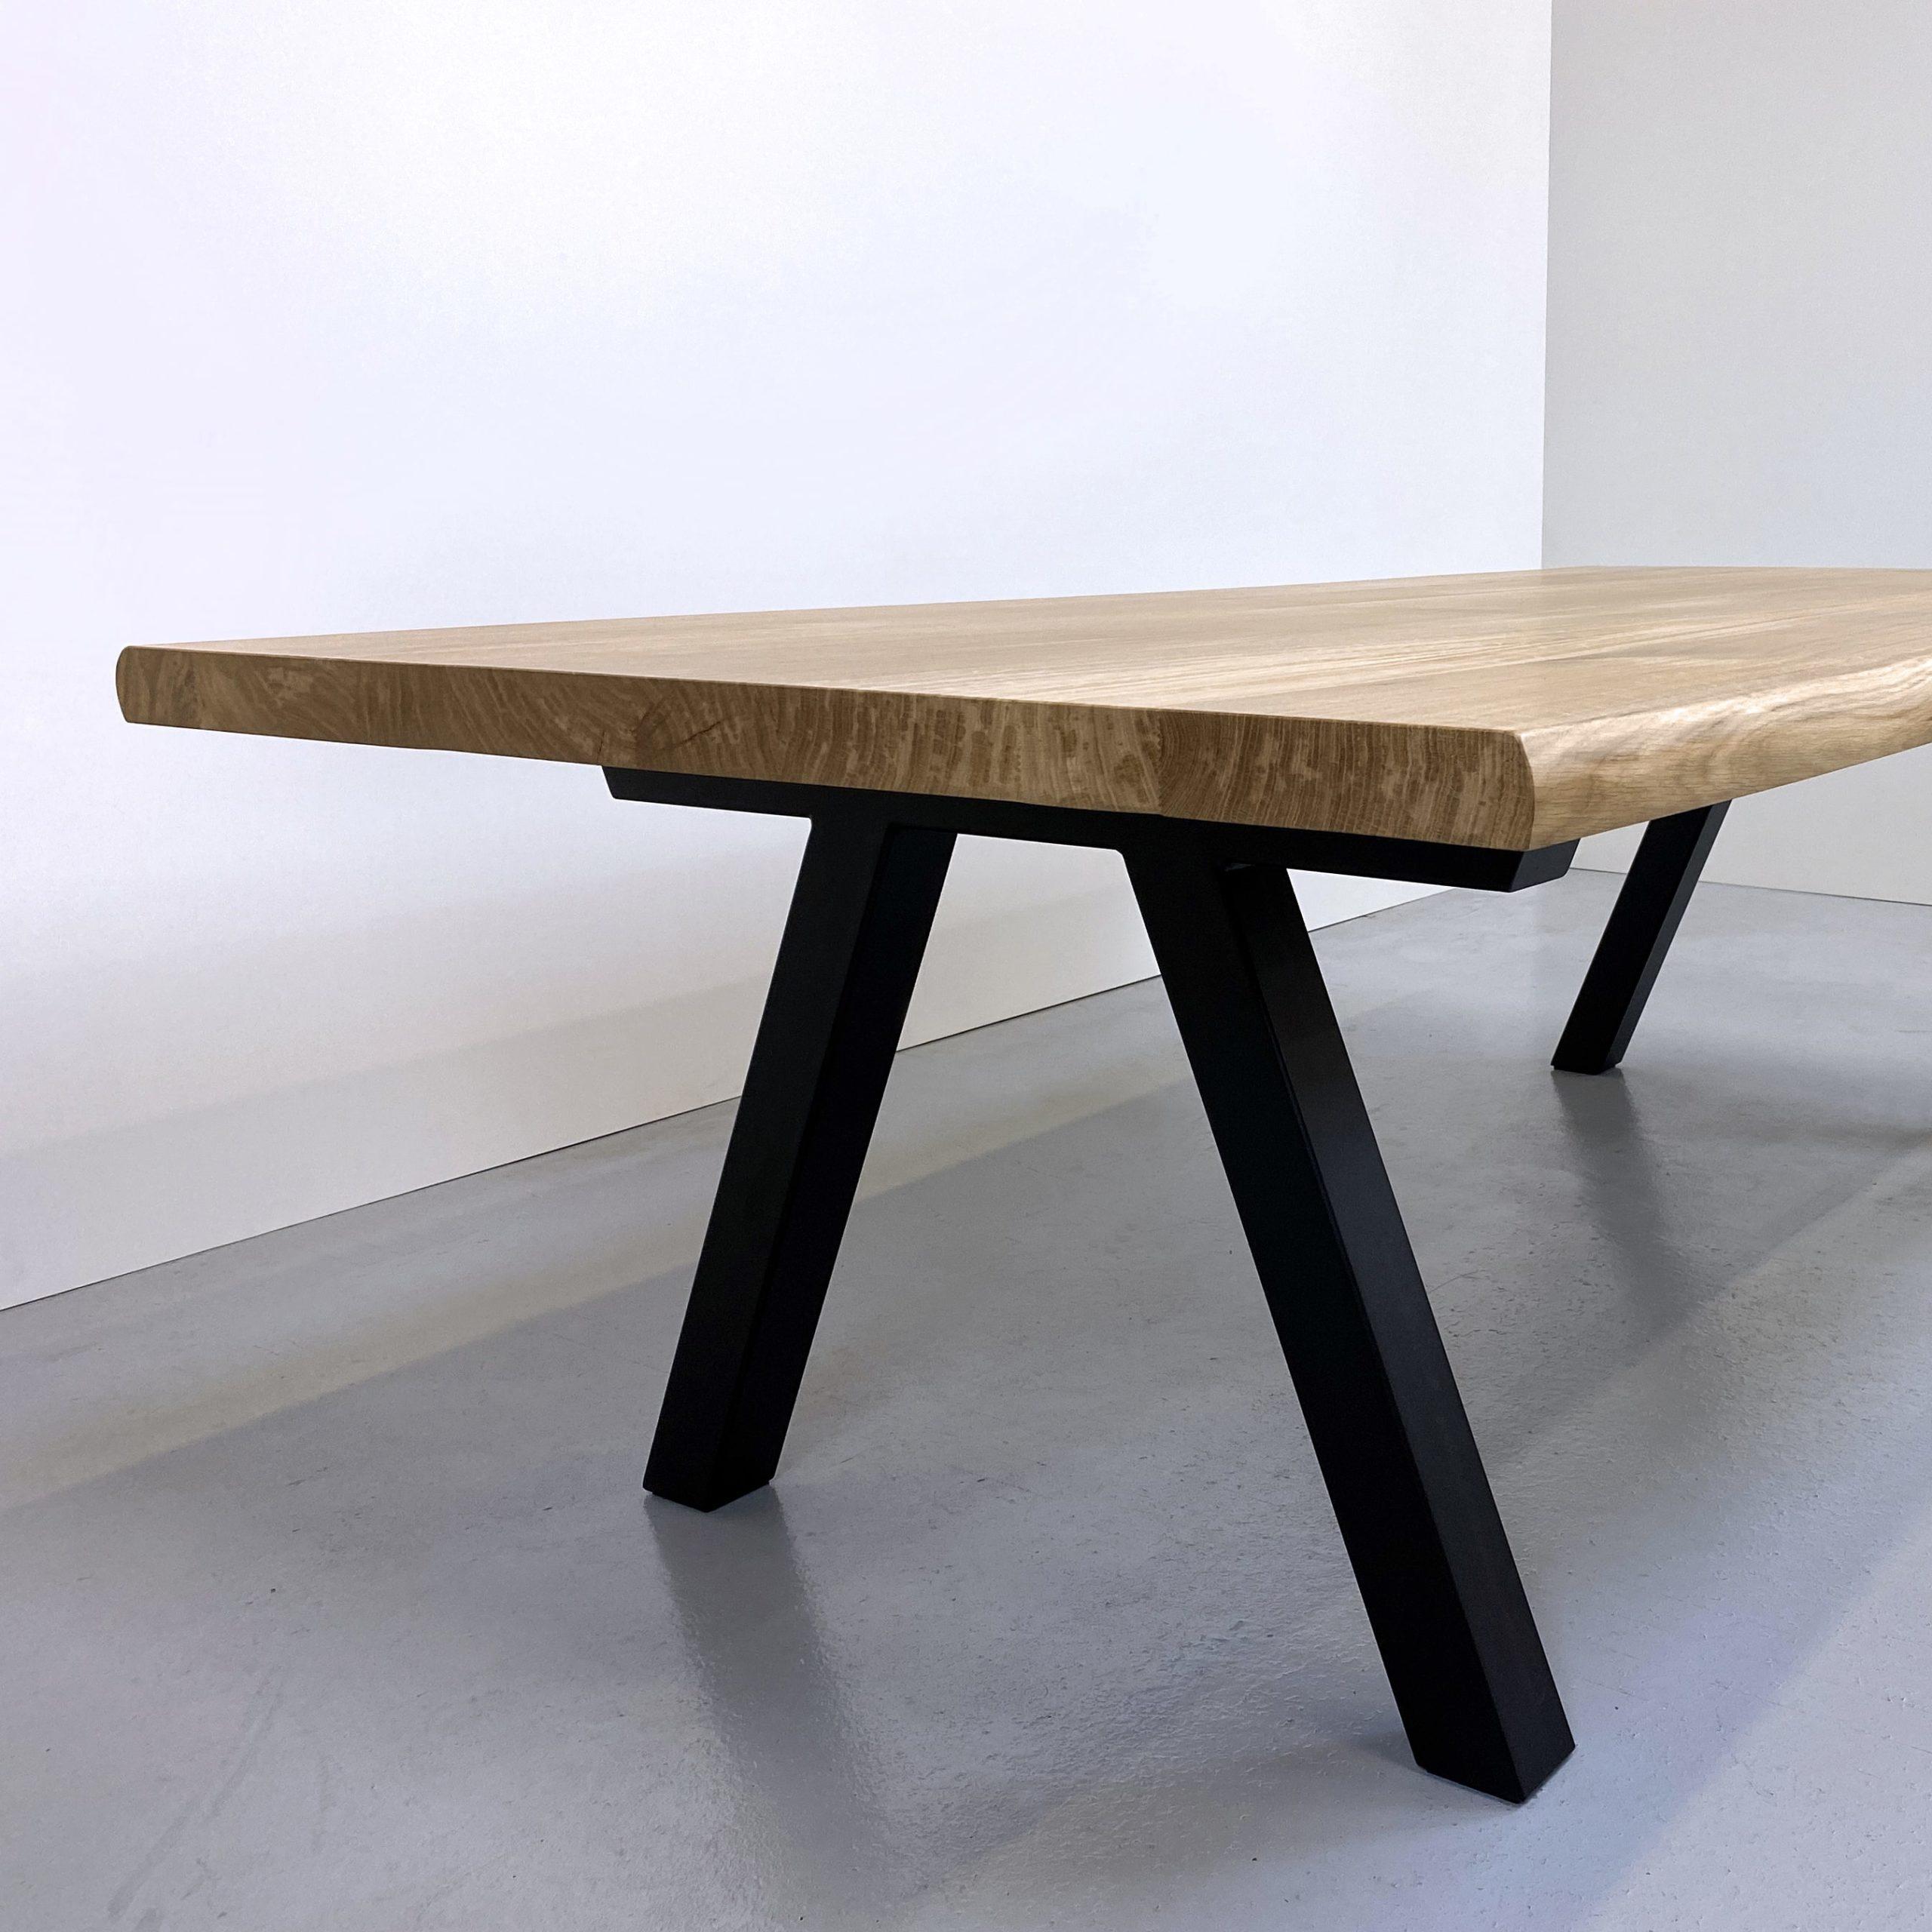 Table bois et metal Pi / chêne authentique massif et pied noir / ARTMETA